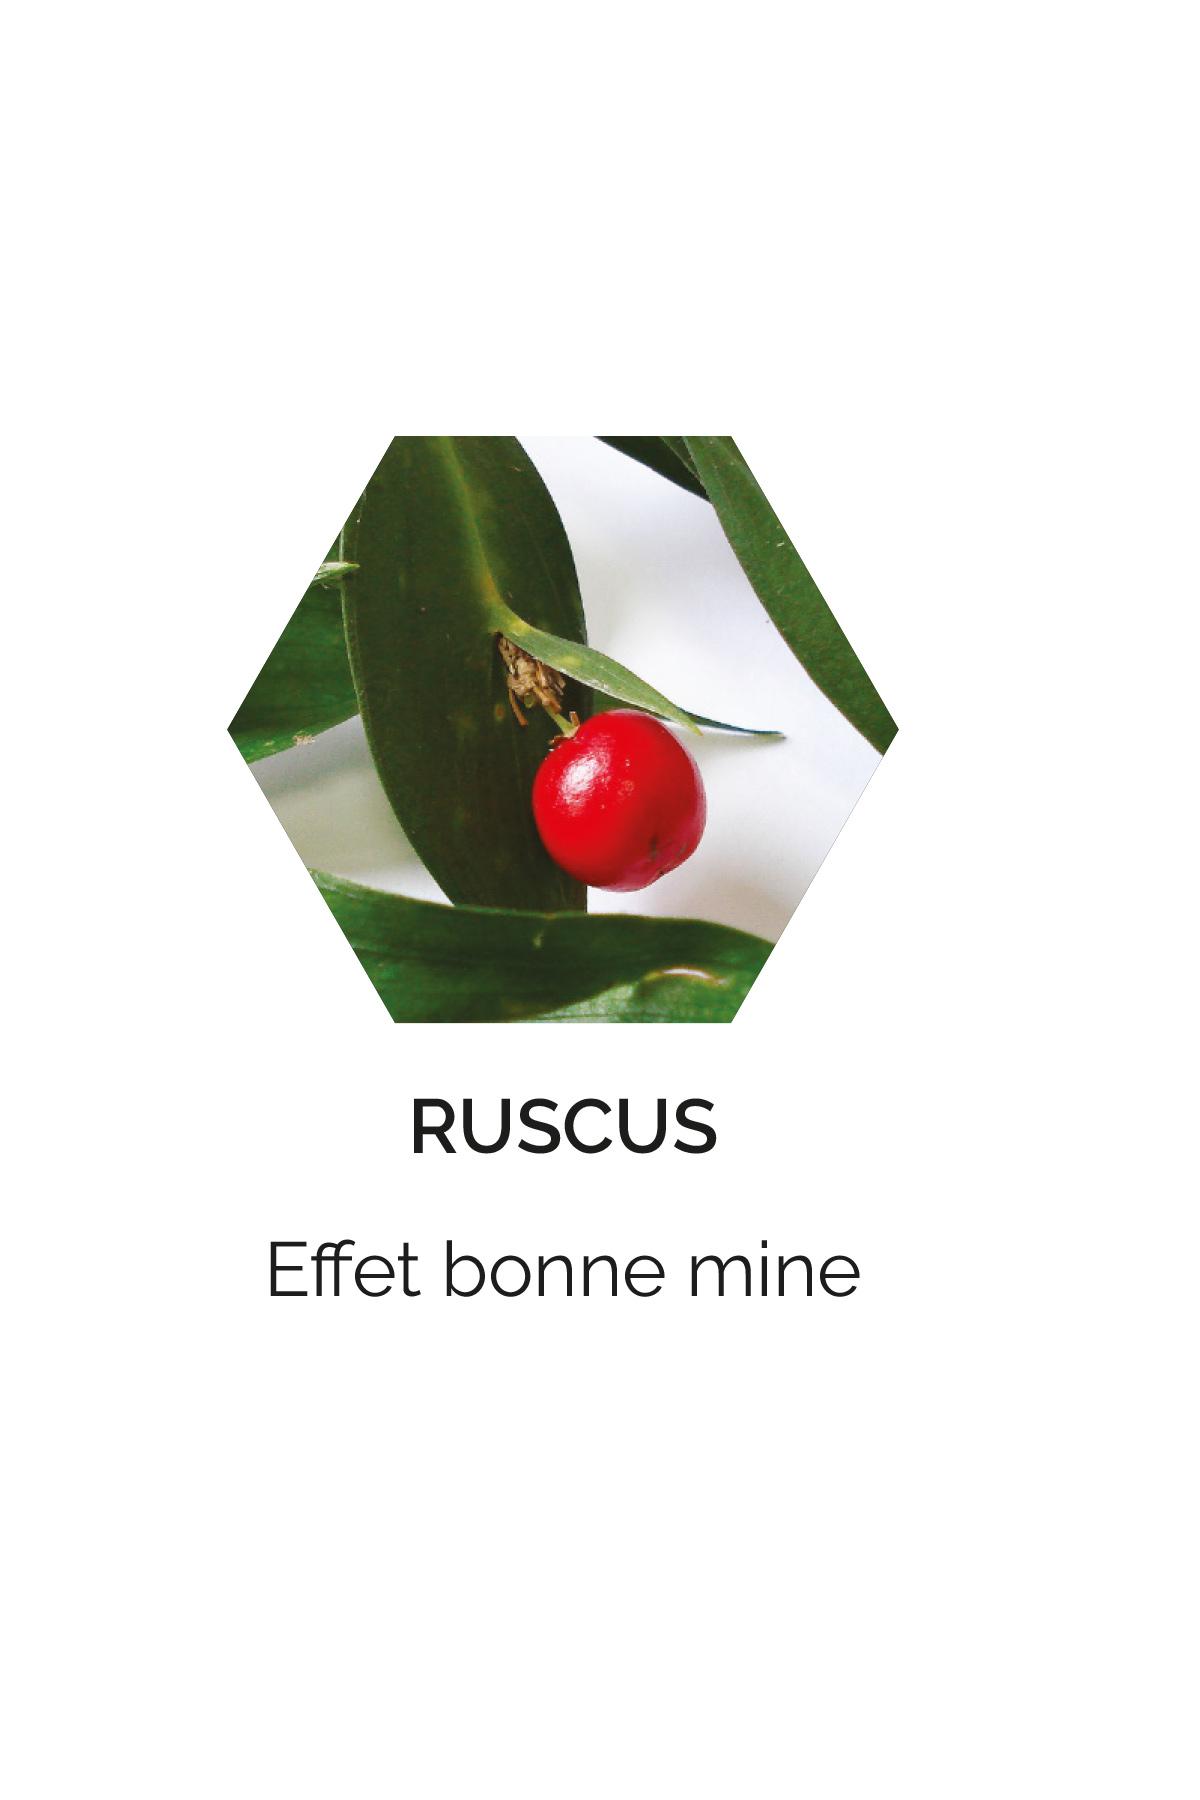 Ruscus